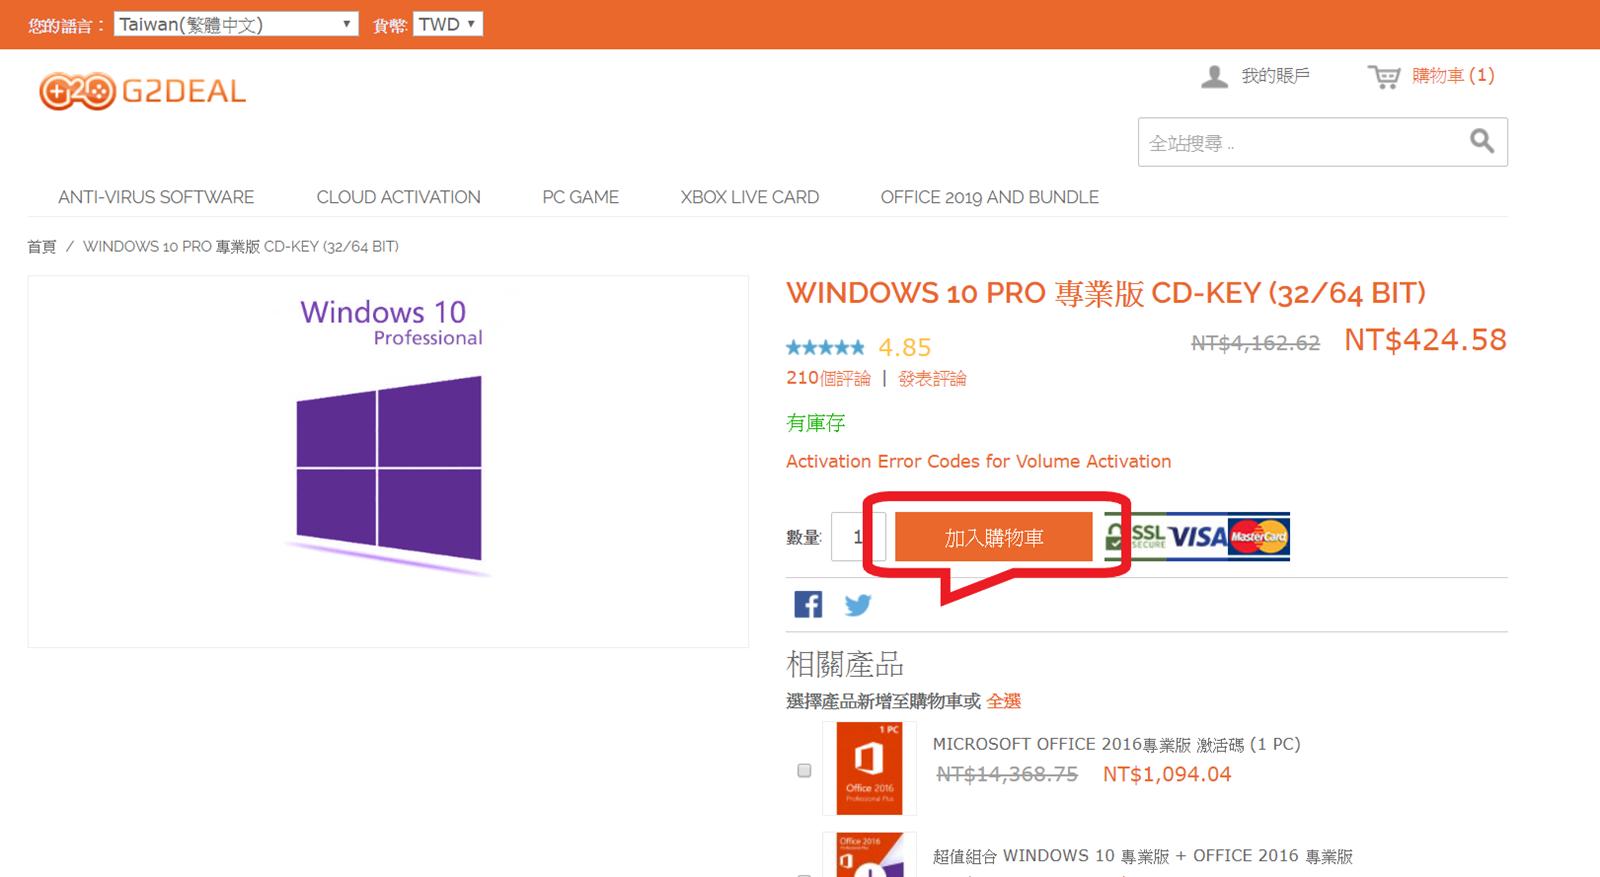 超便宜正版 Windows 折扣+ Office 與防毒軟體打包一起低價入手教學 @3C 達人廖阿輝